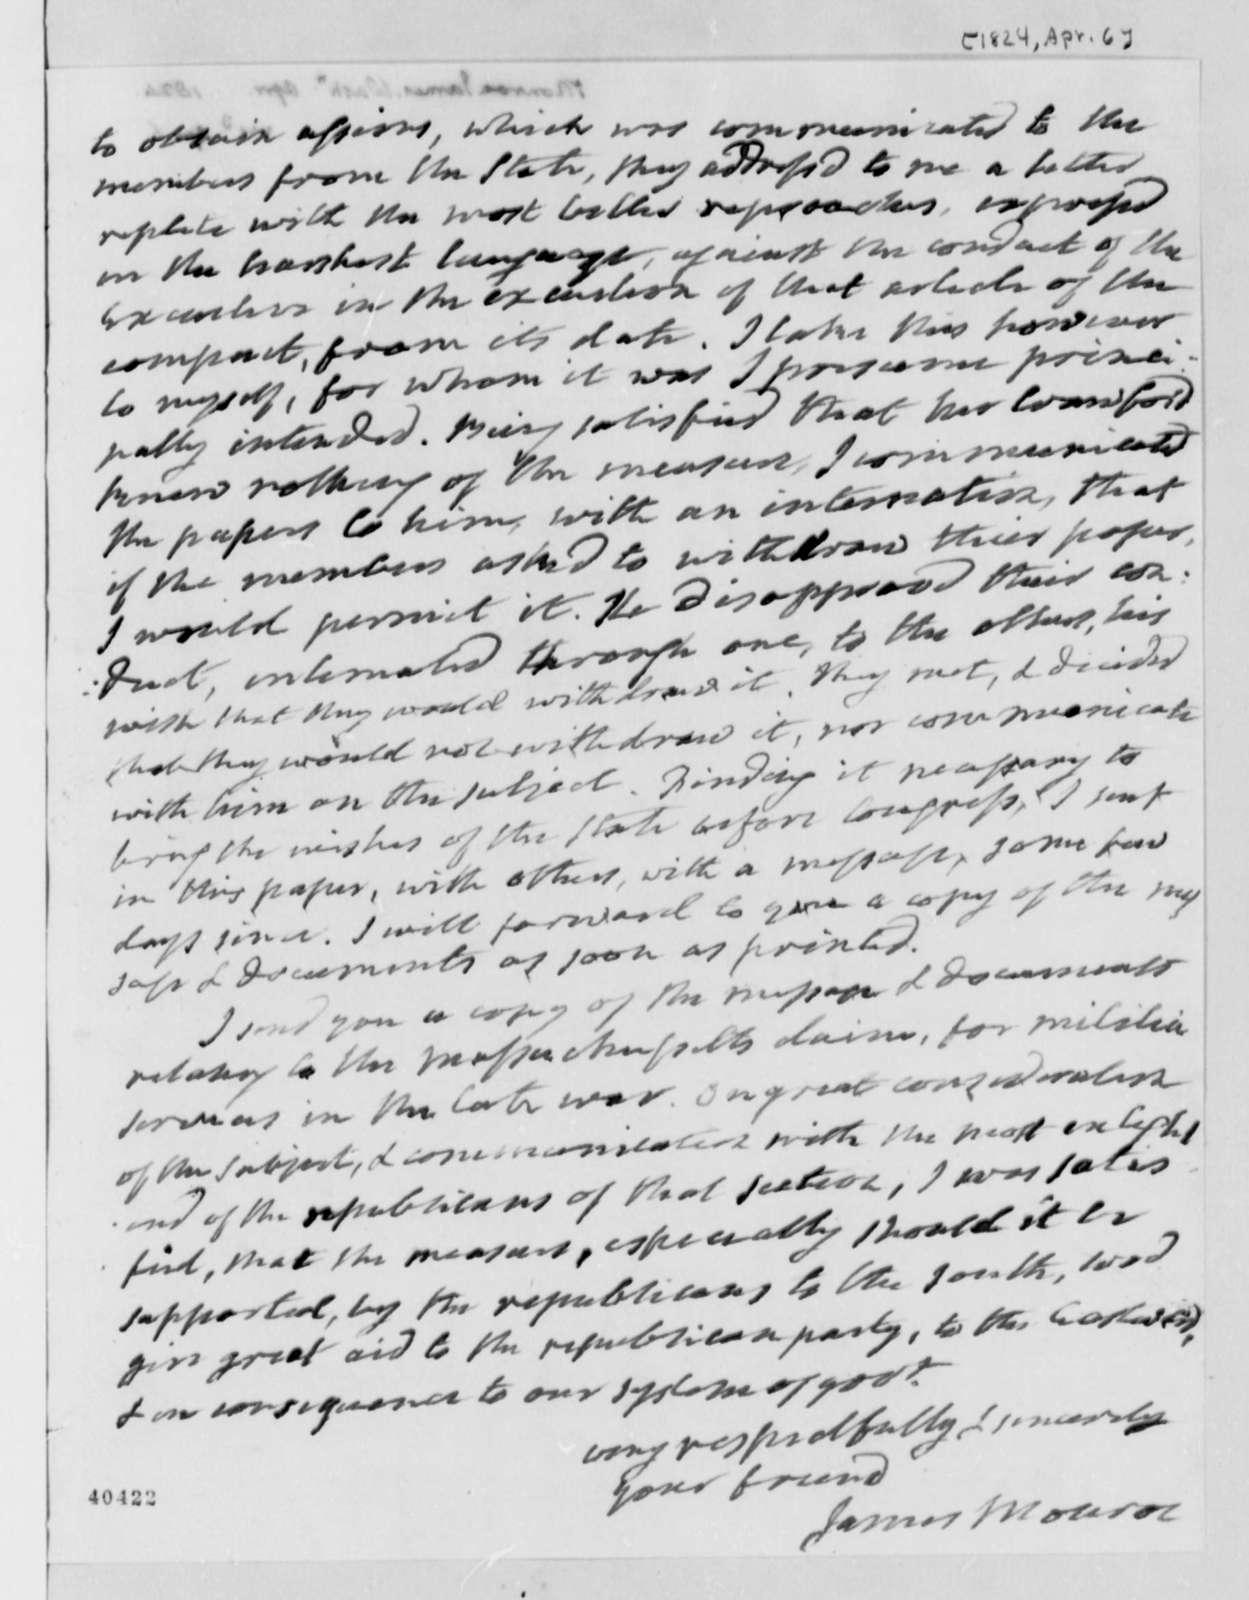 James Monroe to Thomas Jefferson, April 6, 1824